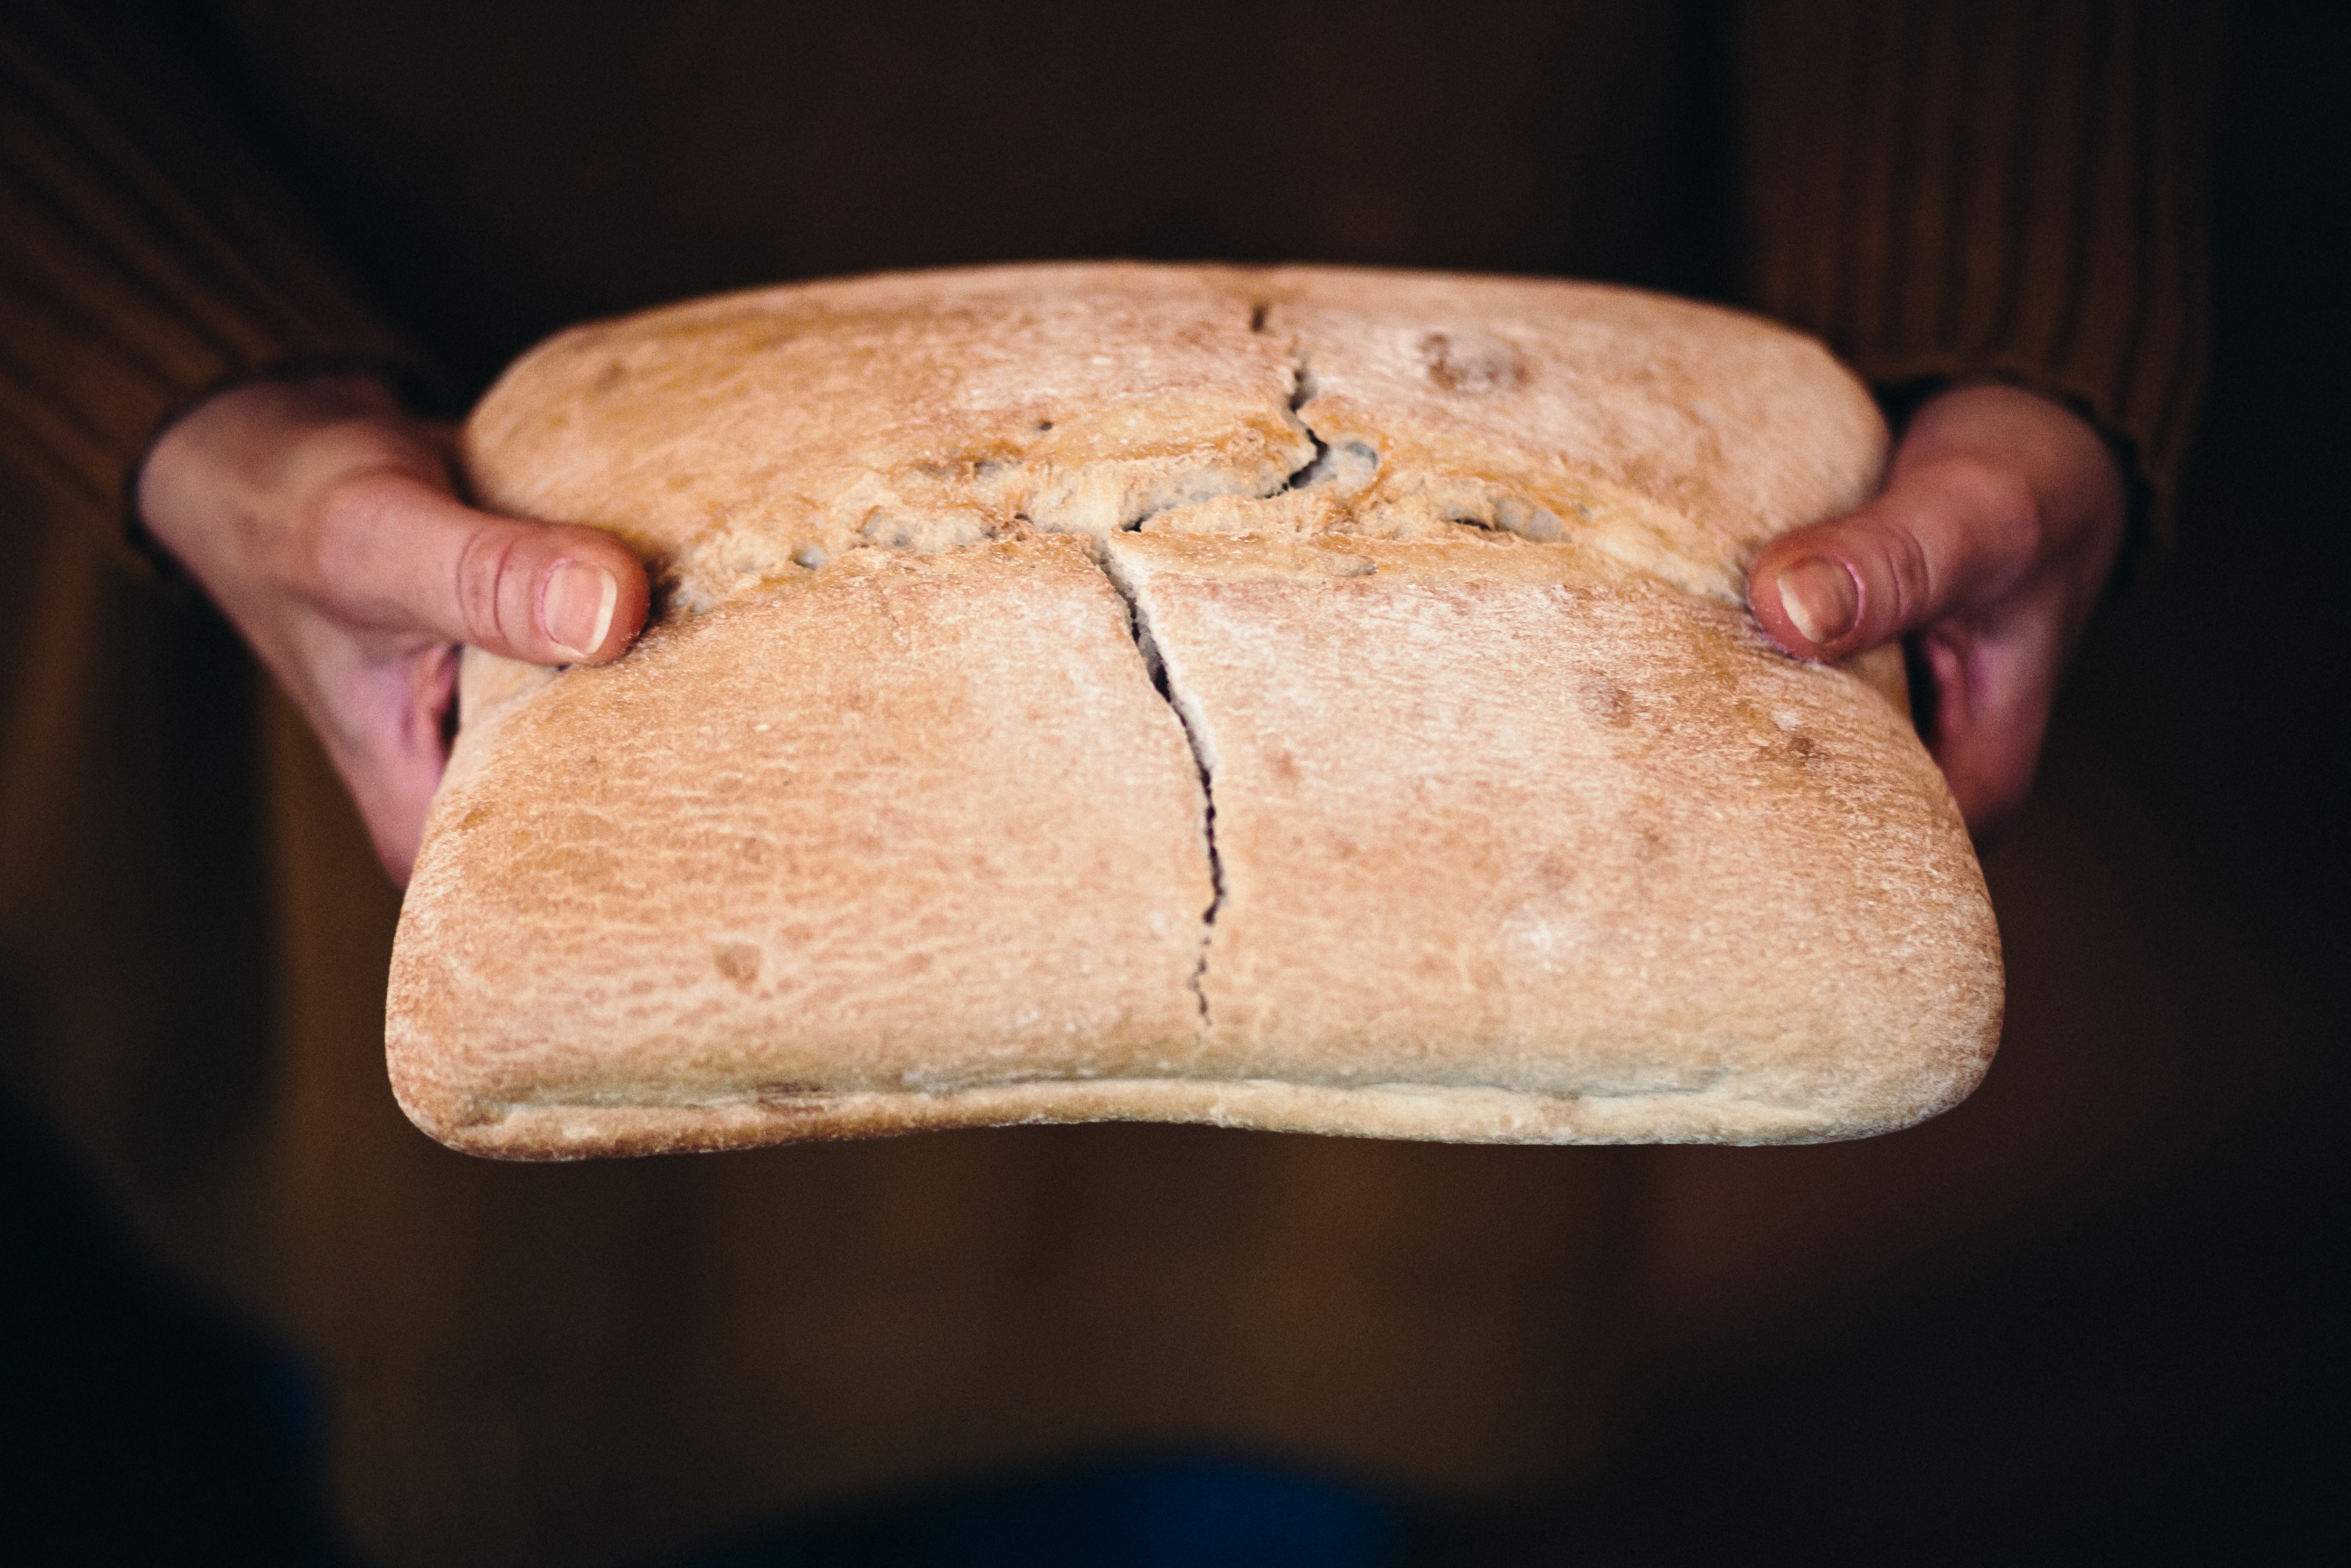 2019 Bistum Pfarreien Raete Verbaende Gcl Gemeinschaft Christlichen Lebens